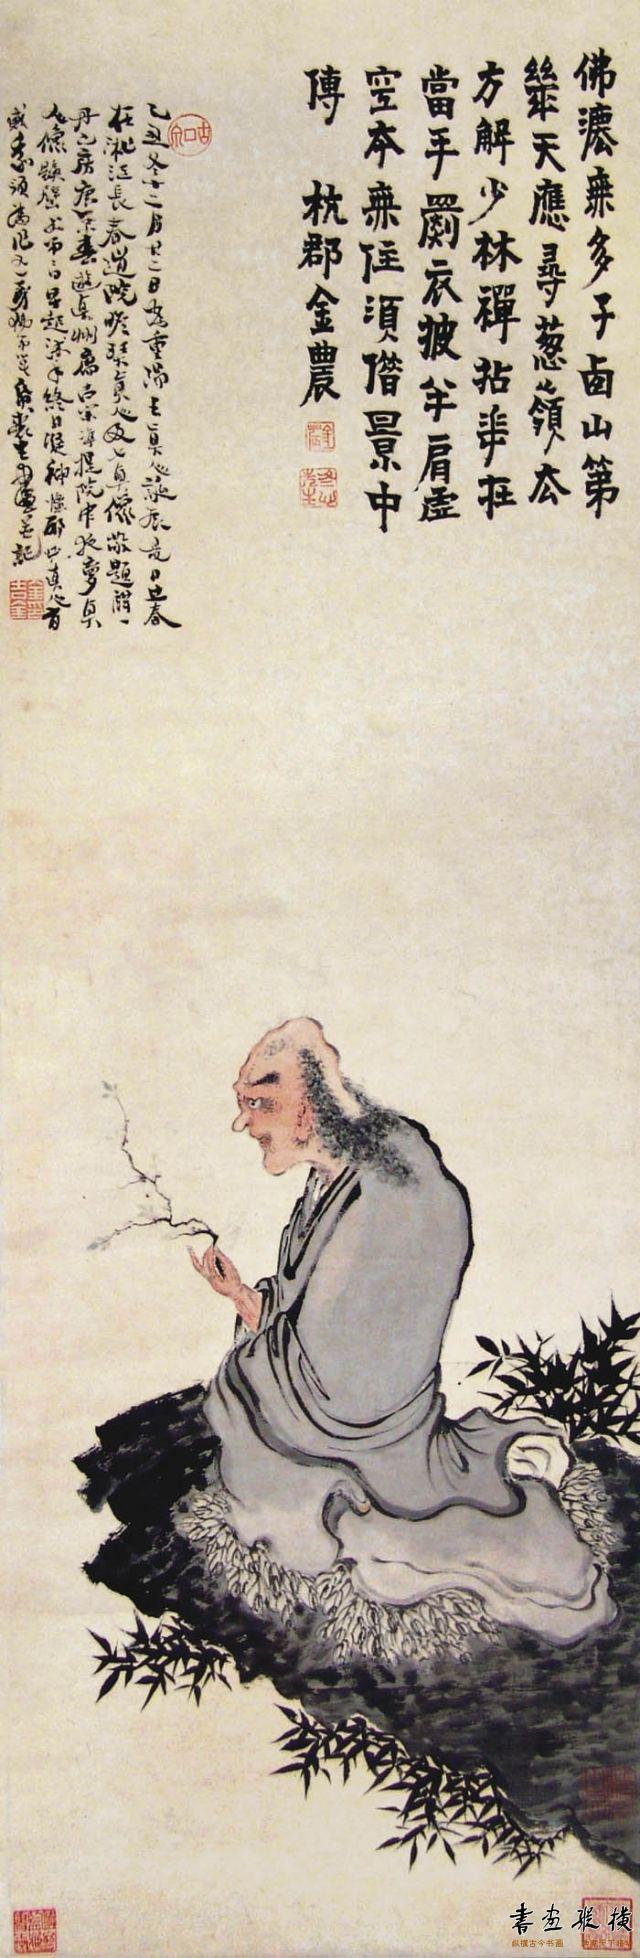 清 金农 达摩老祖图